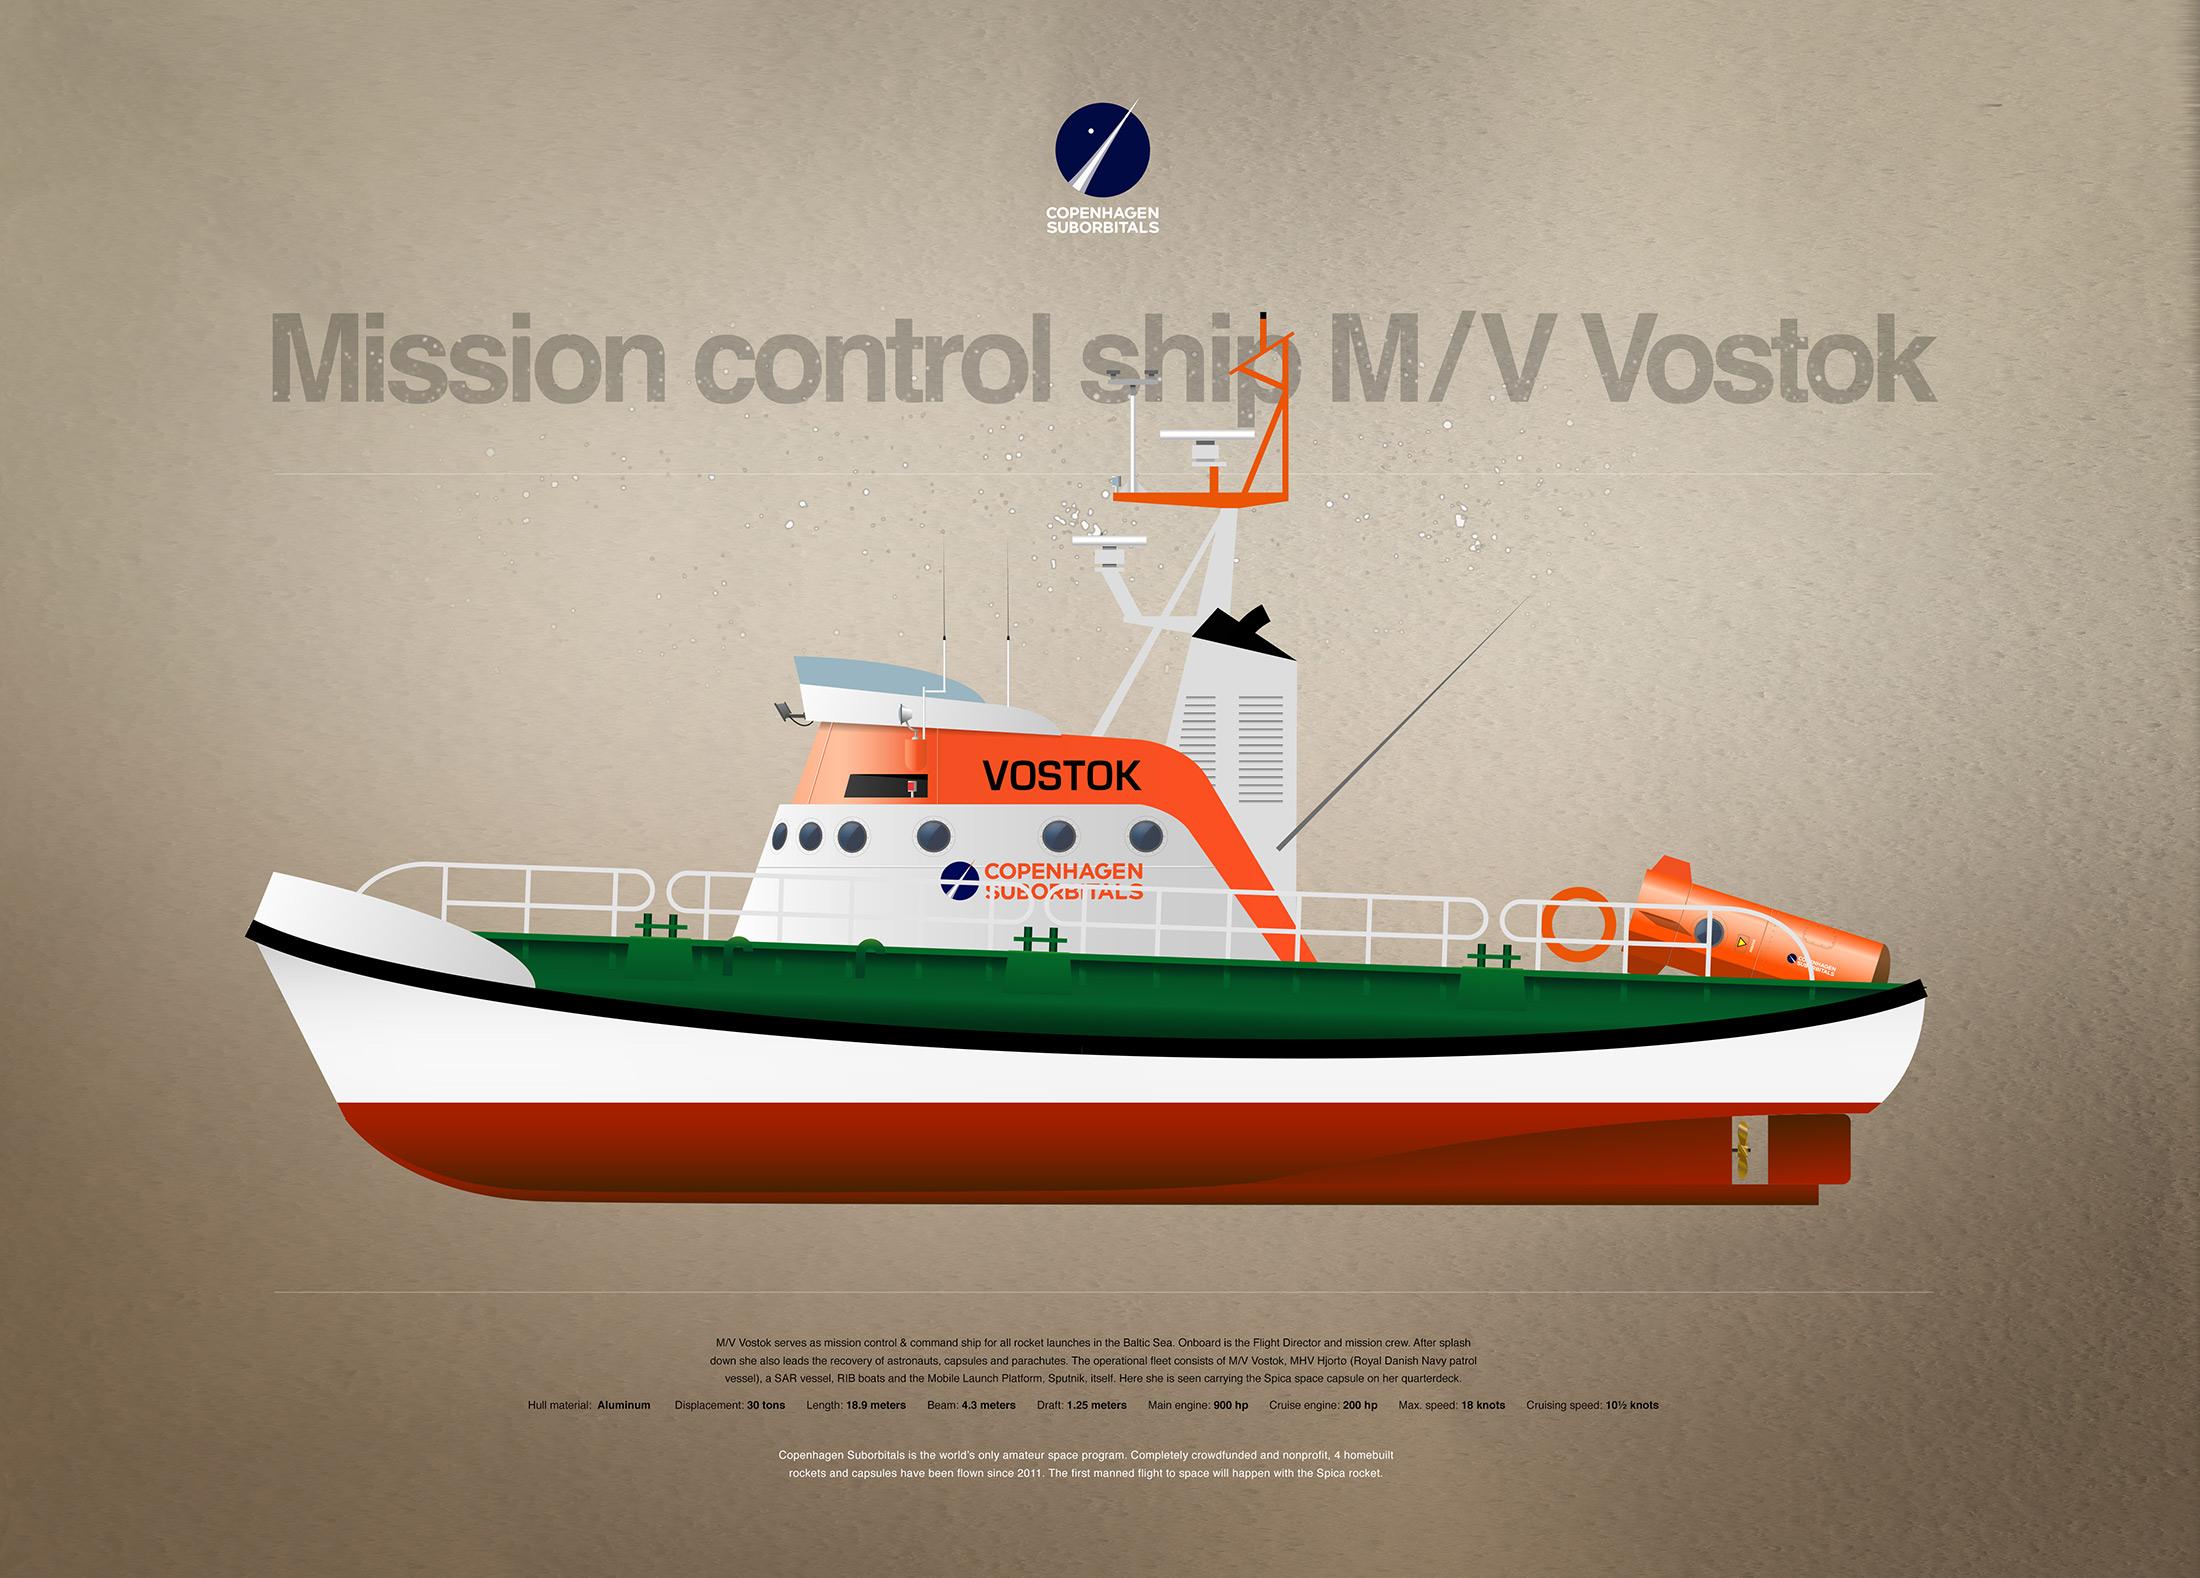 M/S Vostok